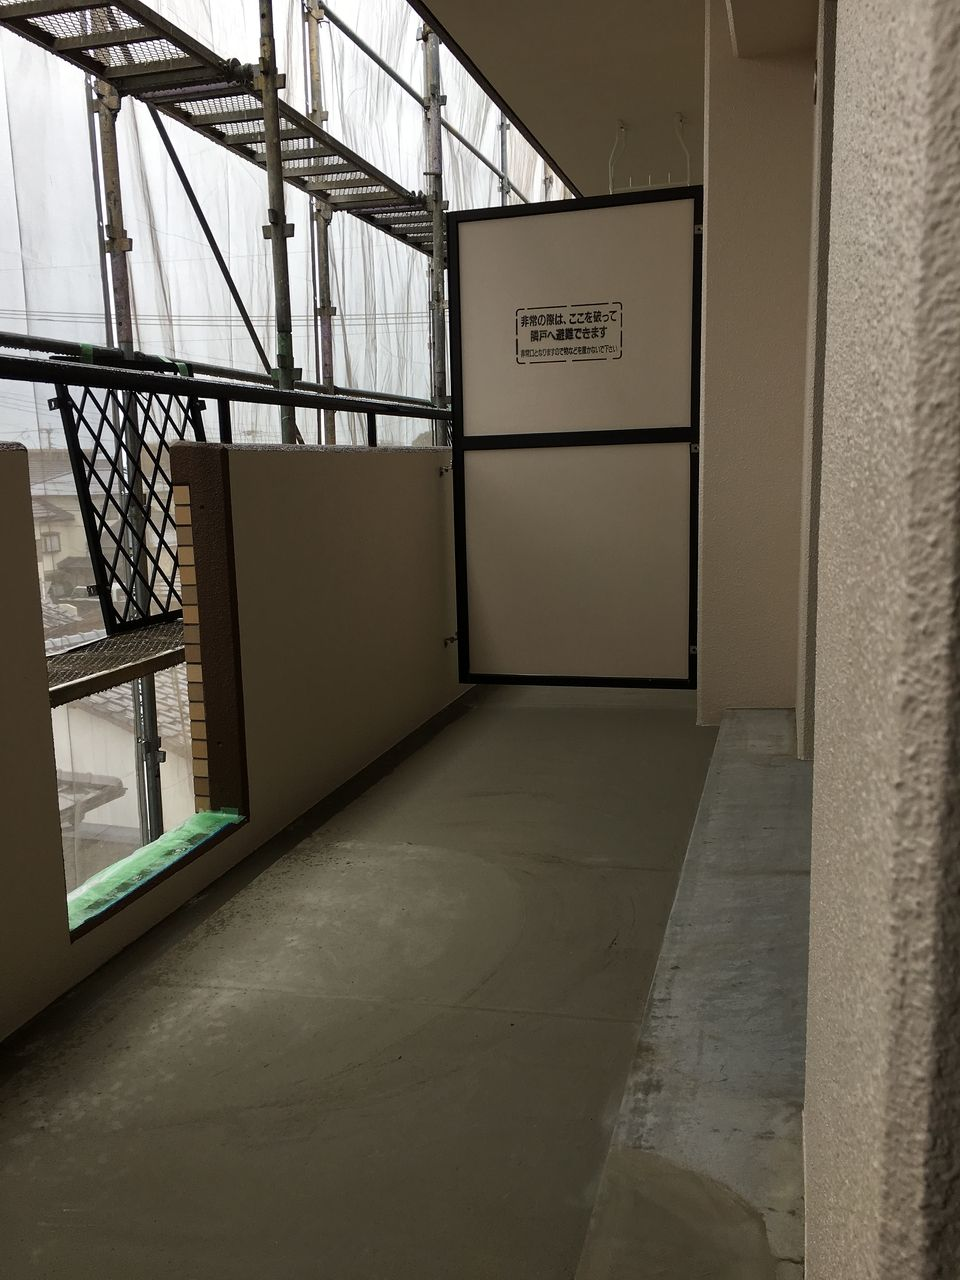 部屋側から見た足場と養生ネットです。バルコニーの床にも防水の下地が施してあります。